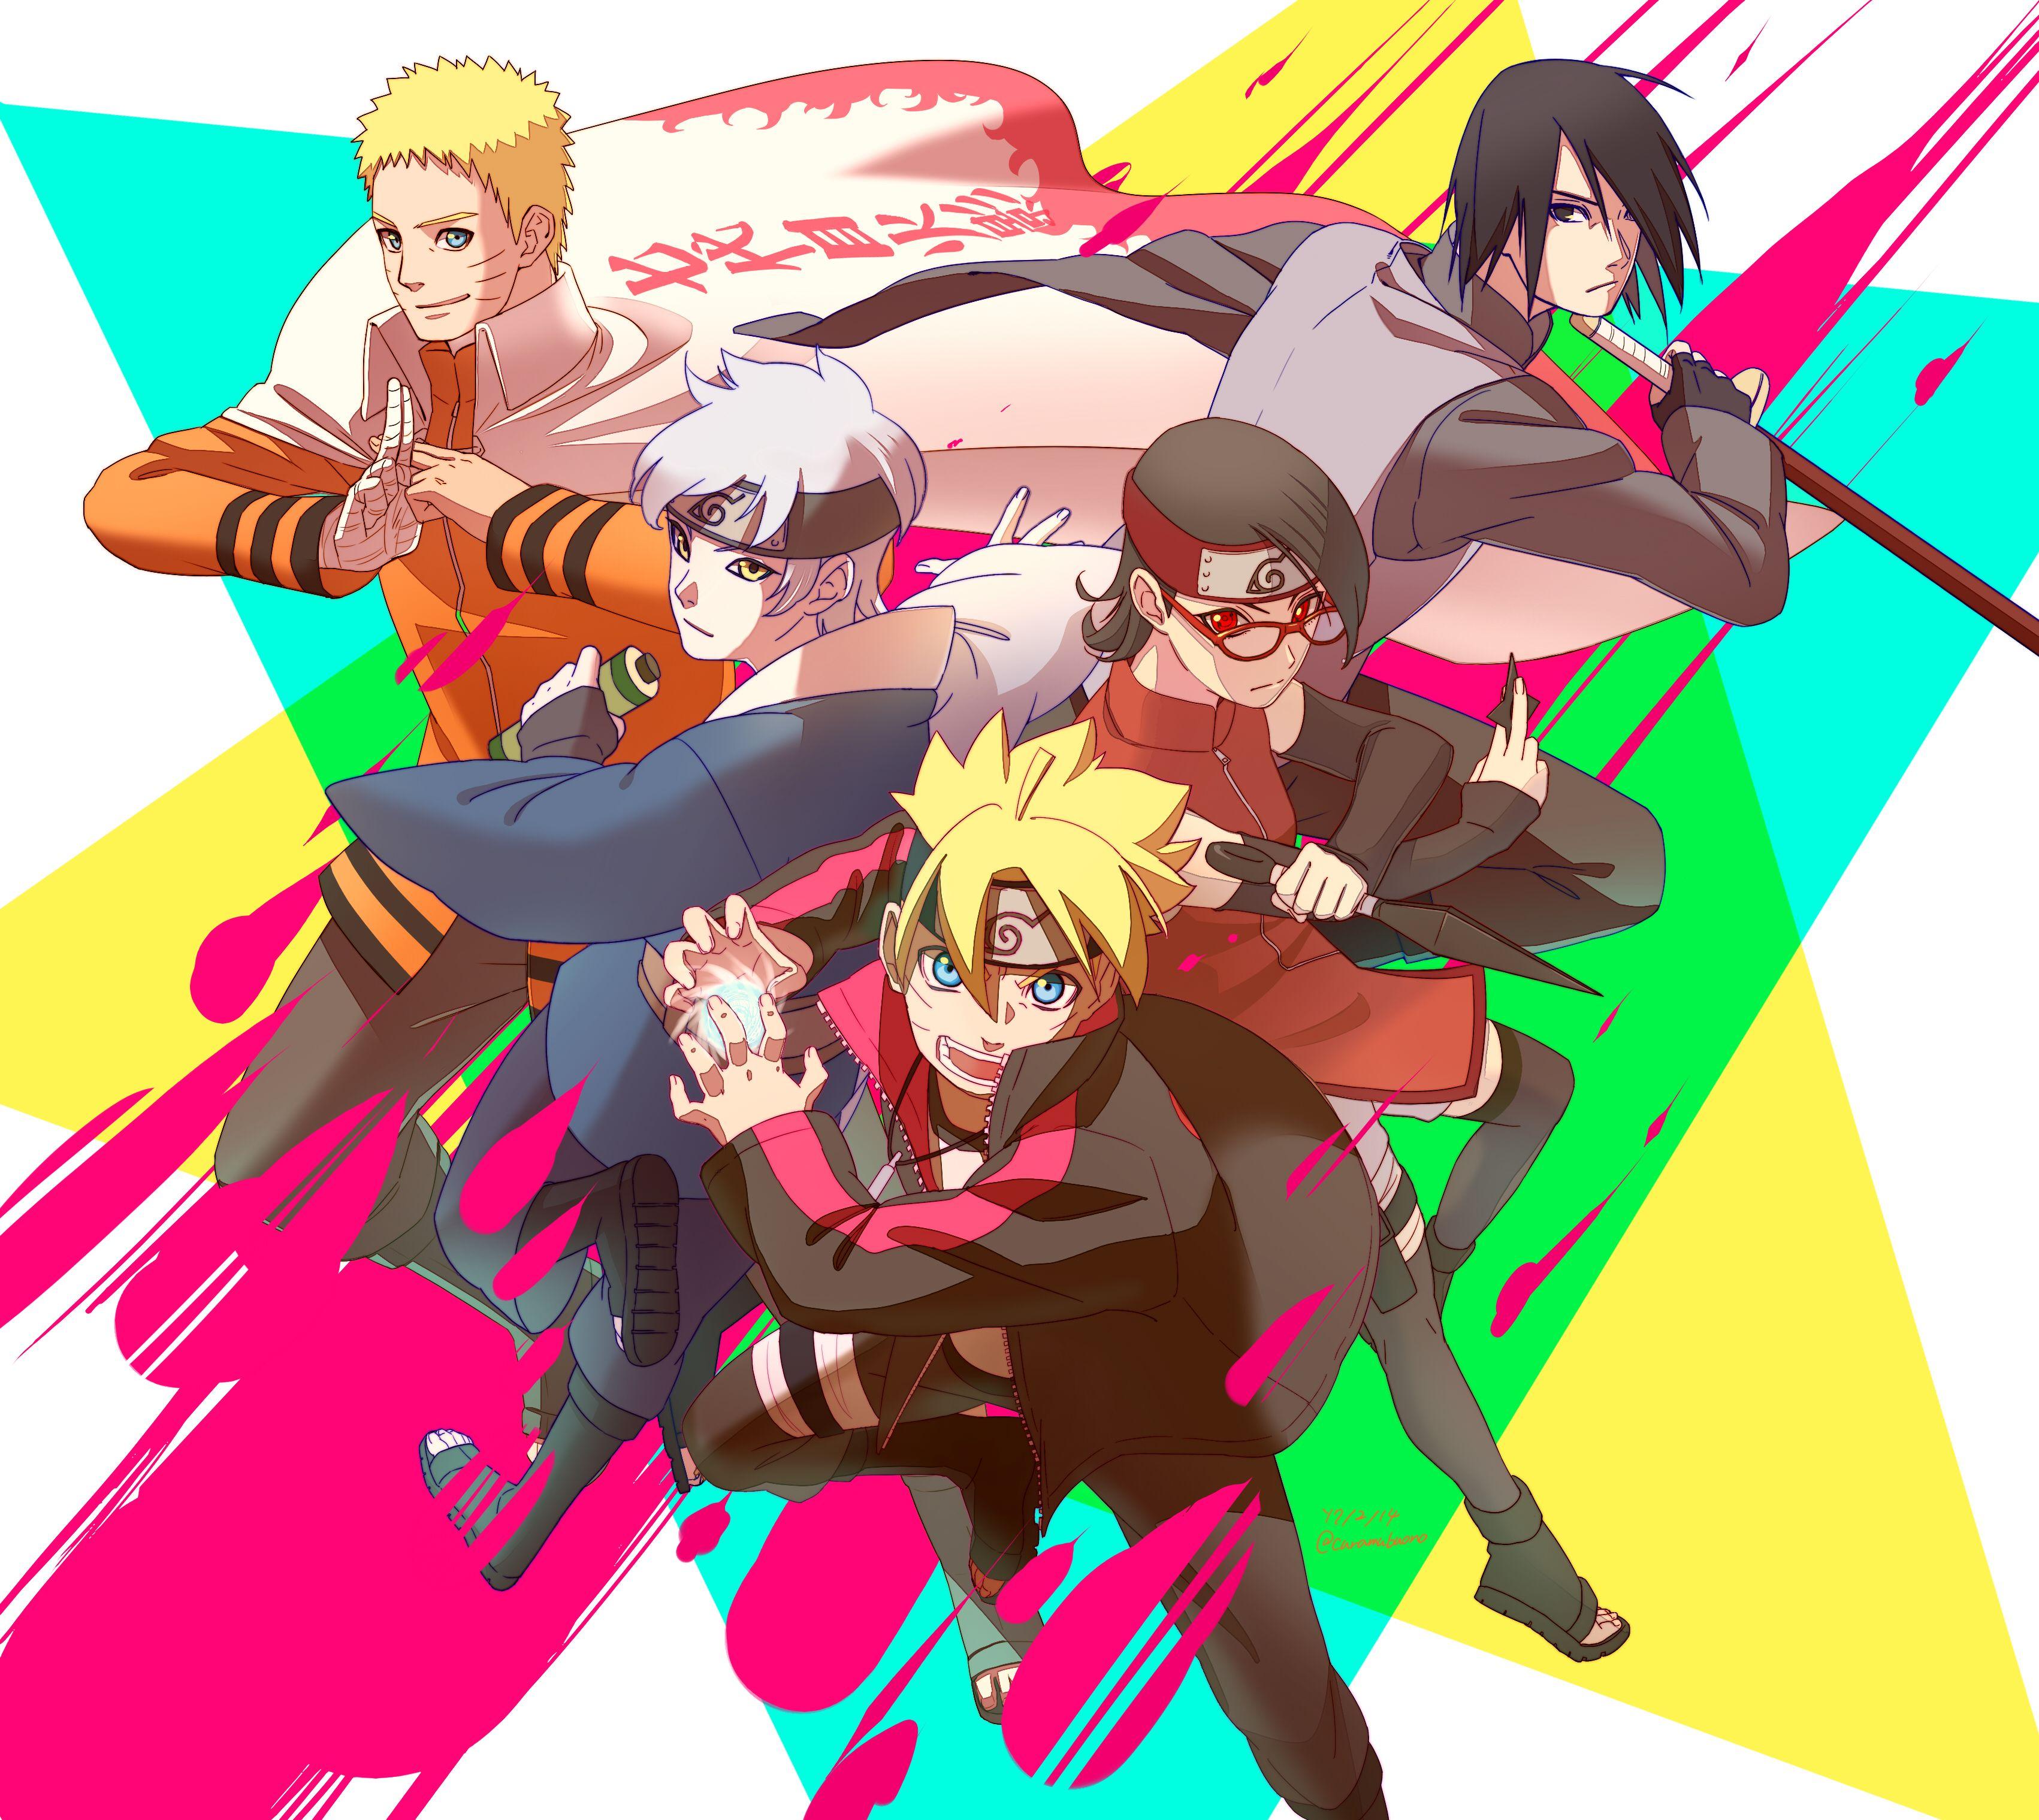 Tags Fanart, NARUTO, Uzumaki Naruto, Uchiha Sasuke, Pixiv